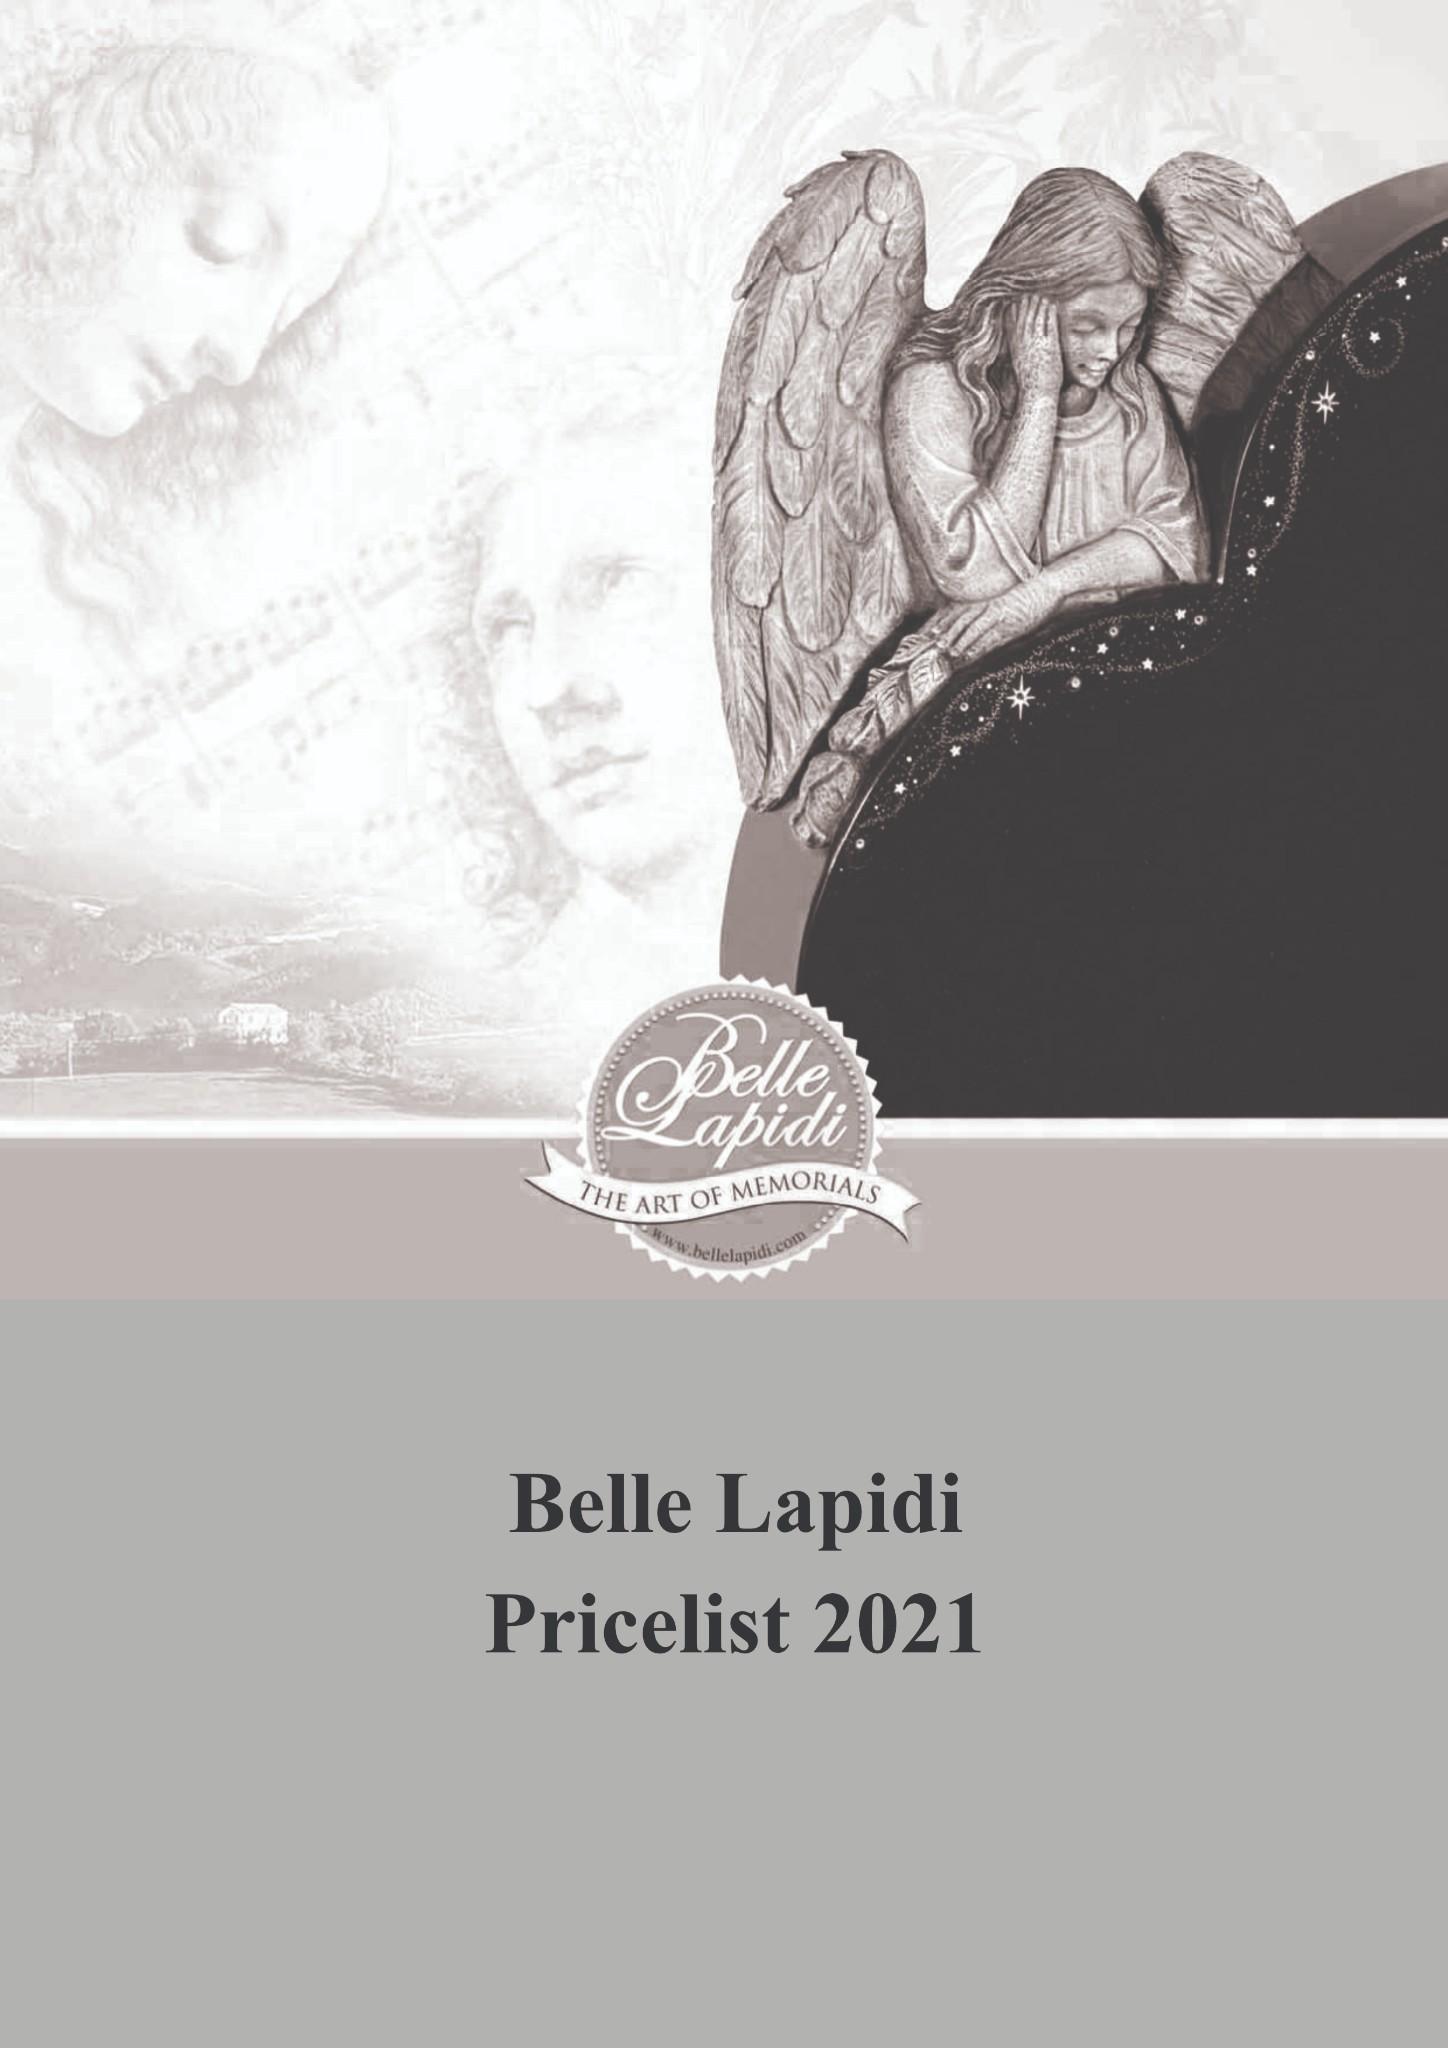 Belle Lapidi Pricelist